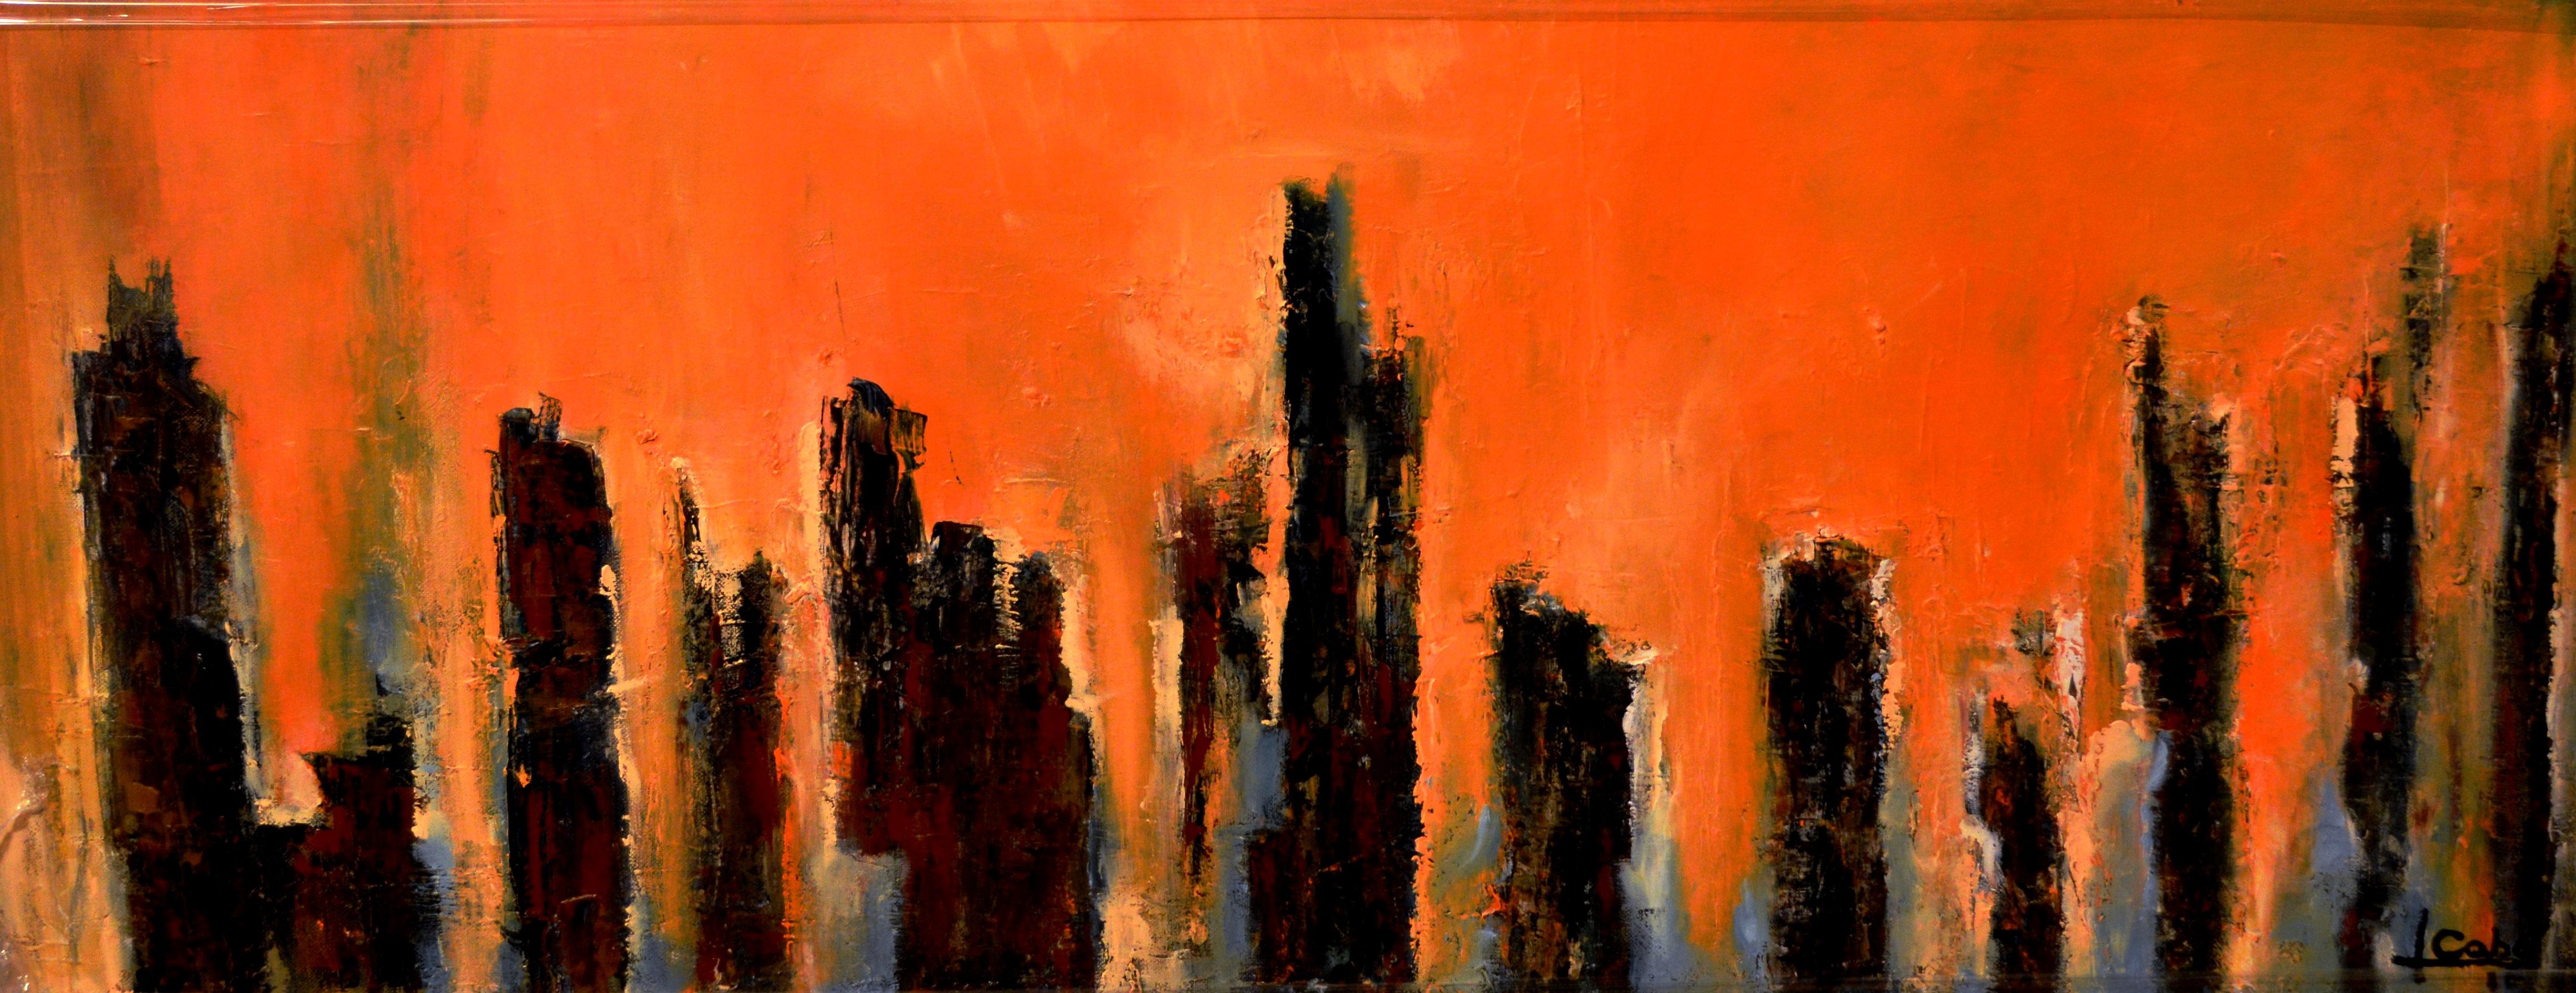 Memorias del Devonnier IV, oleo sobre tela, 40  x 100 cm, Teresa Cabo, 2016